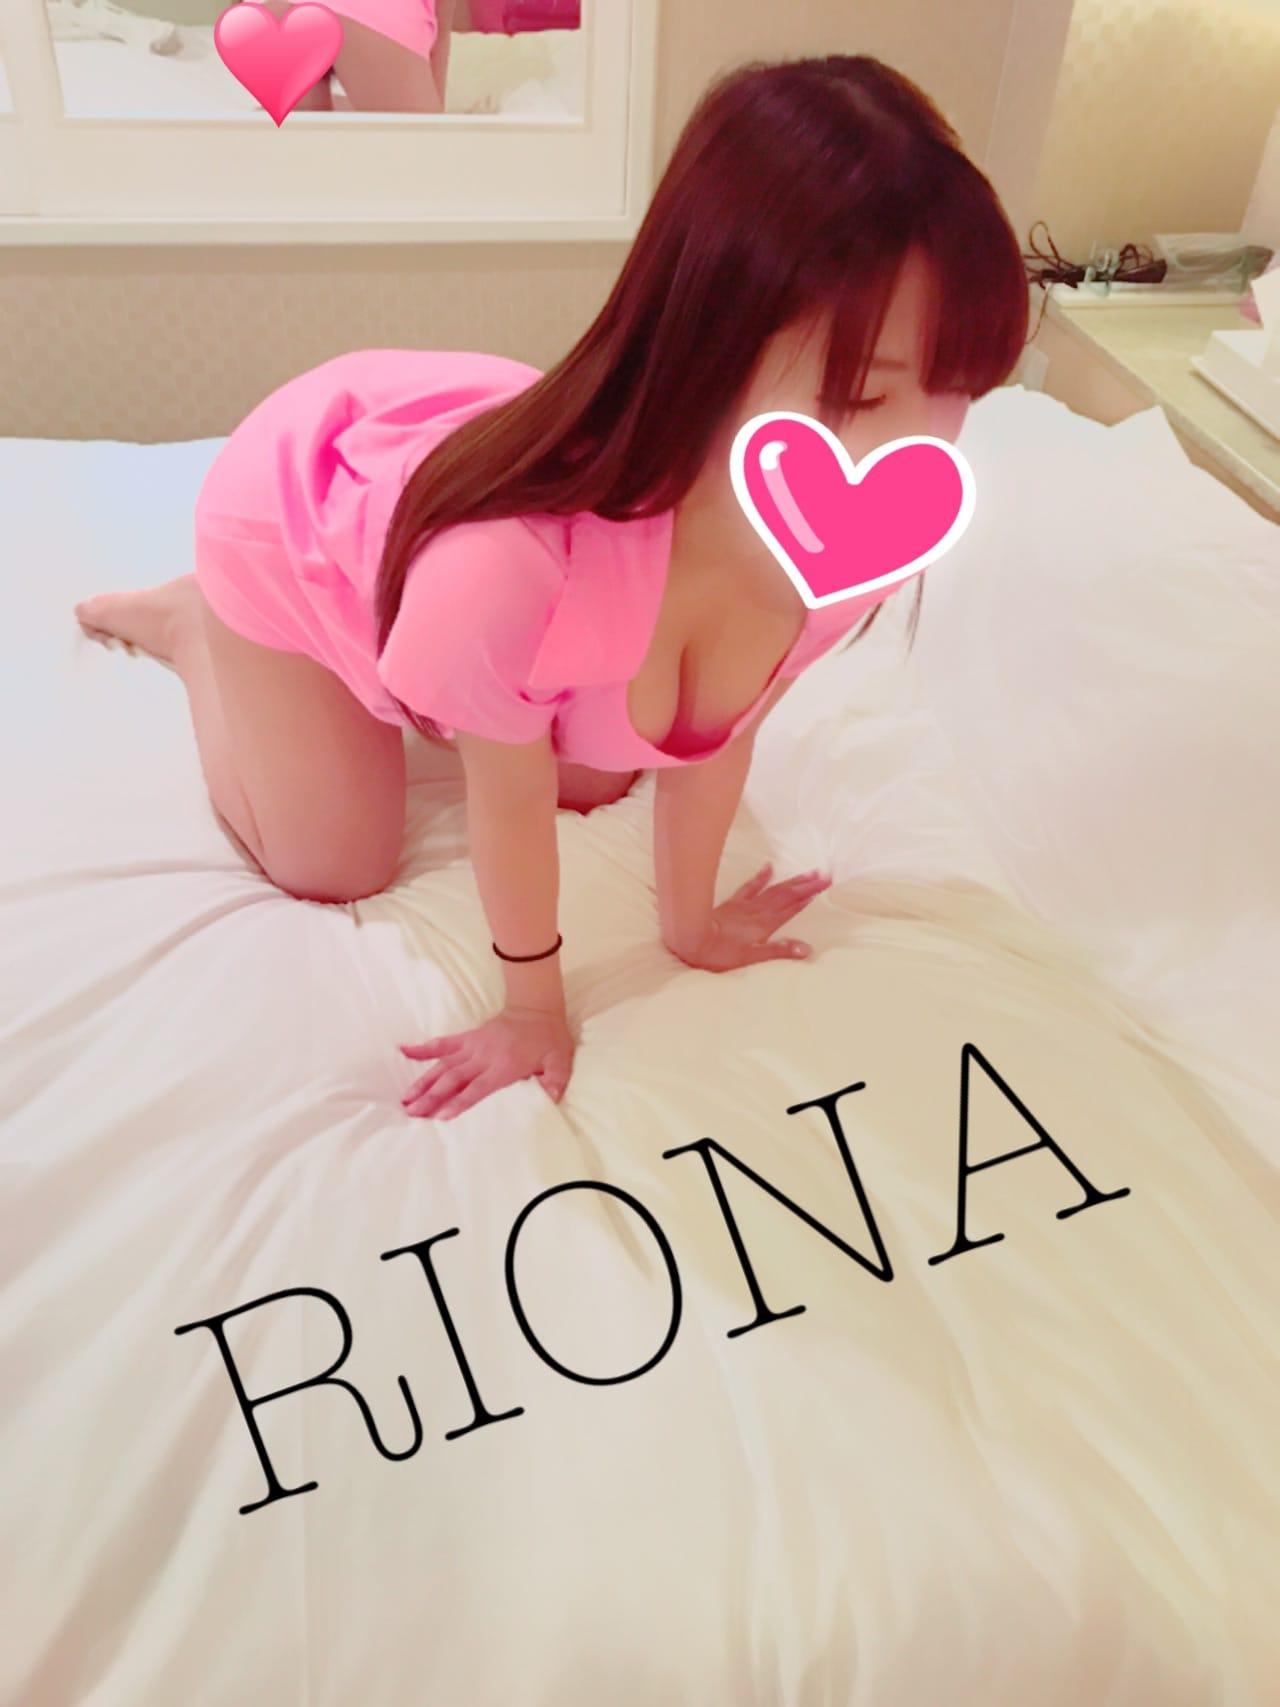 リオナ「御礼♡*.+゜」03/17(土) 21:26 | リオナの写メ・風俗動画